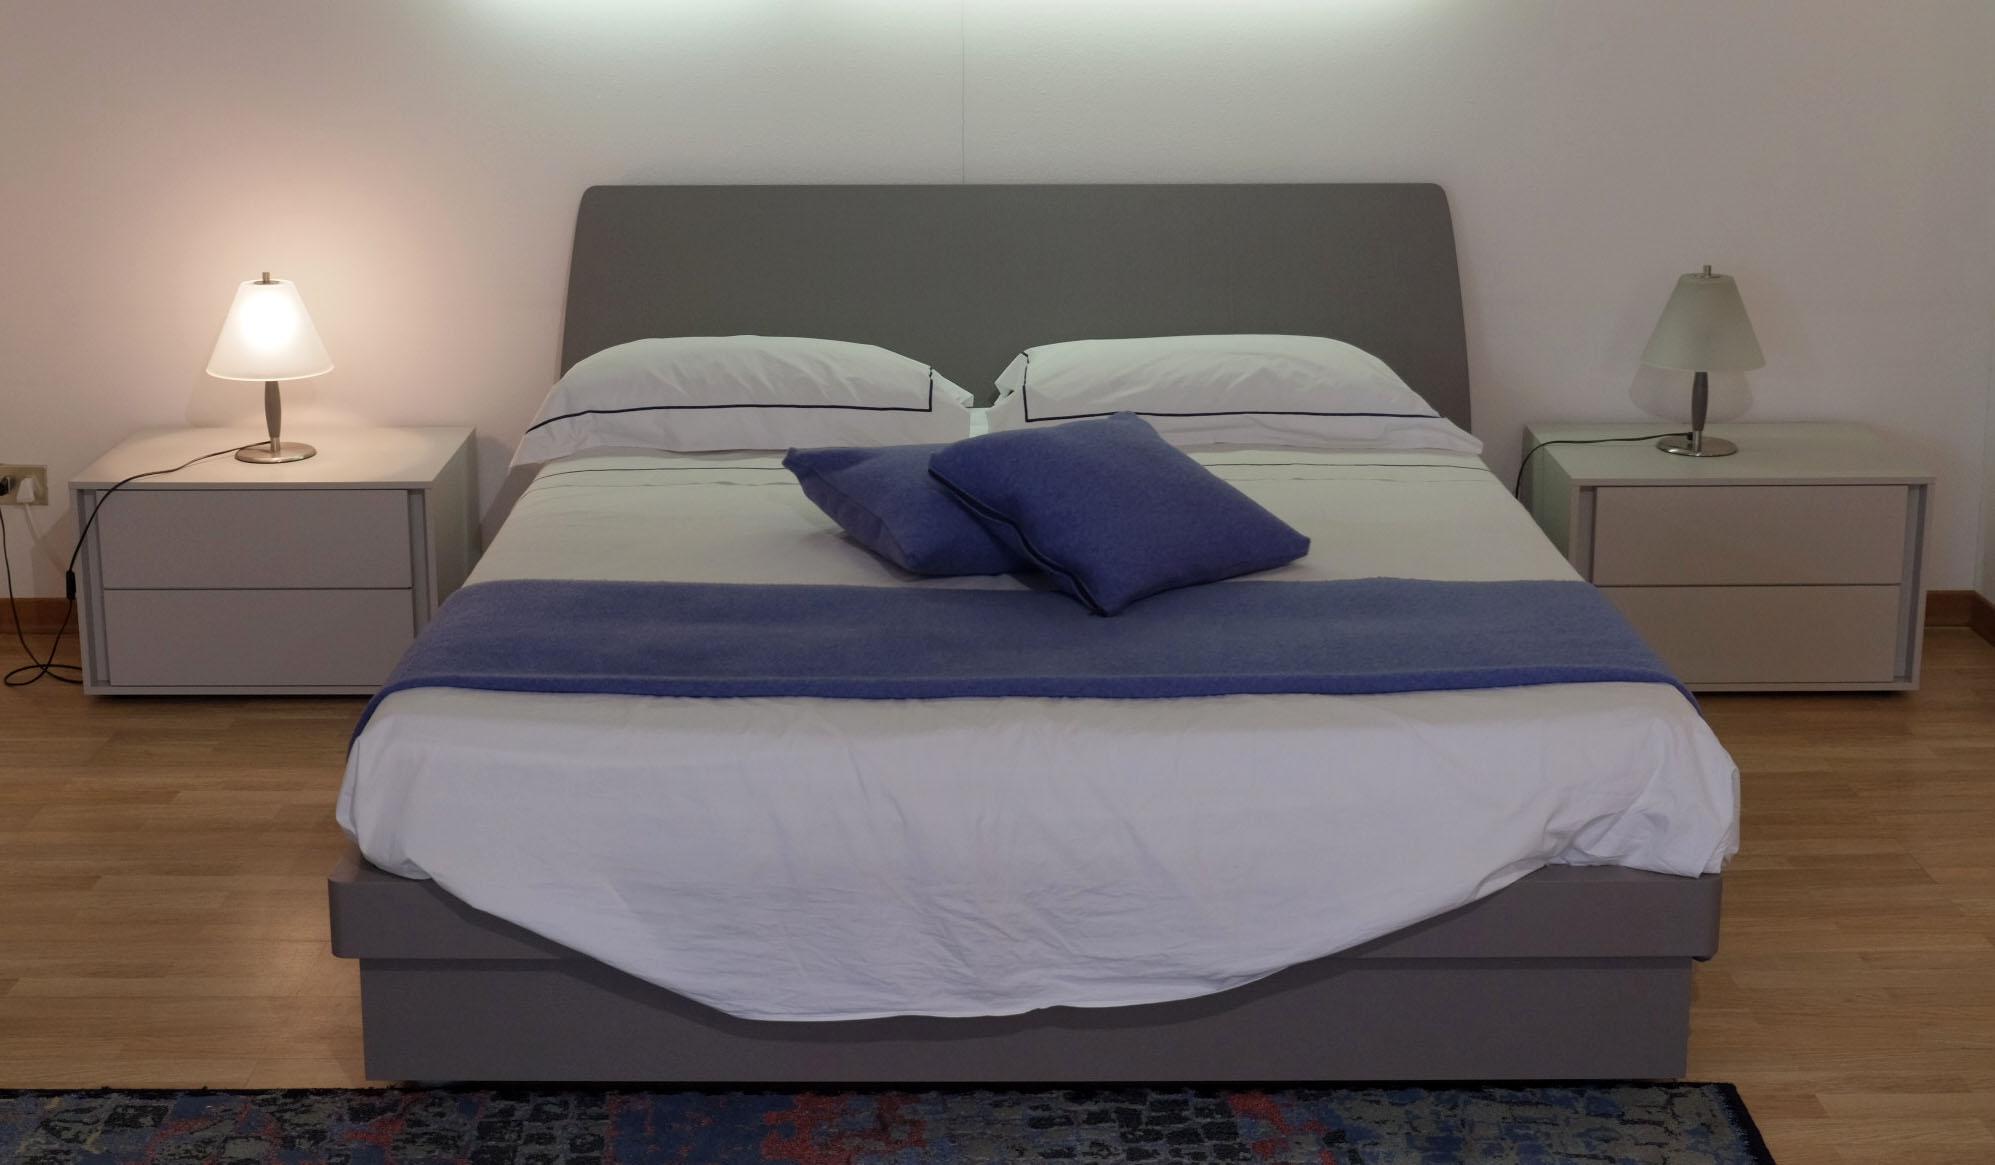 Camera tomasella meridiana scontato del 51 camere a prezzi scontati - Tomasella camere da letto ...